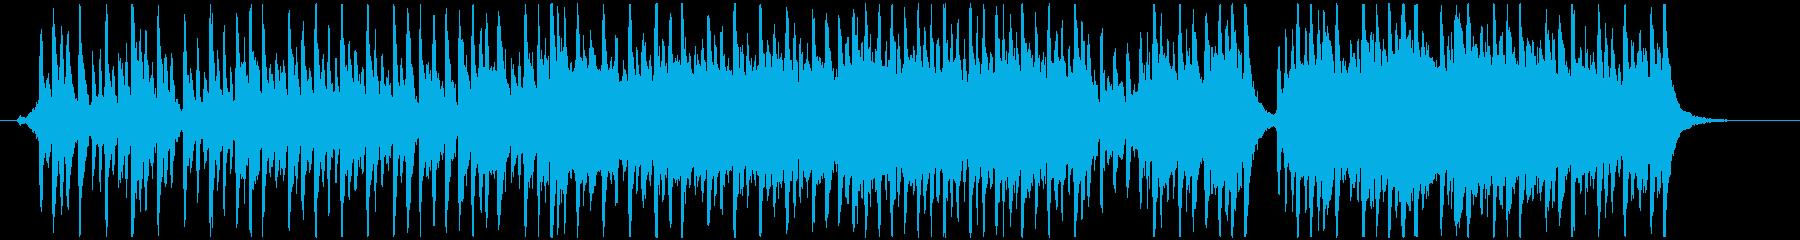 現代の交響曲 可愛い 子ども ファ...の再生済みの波形